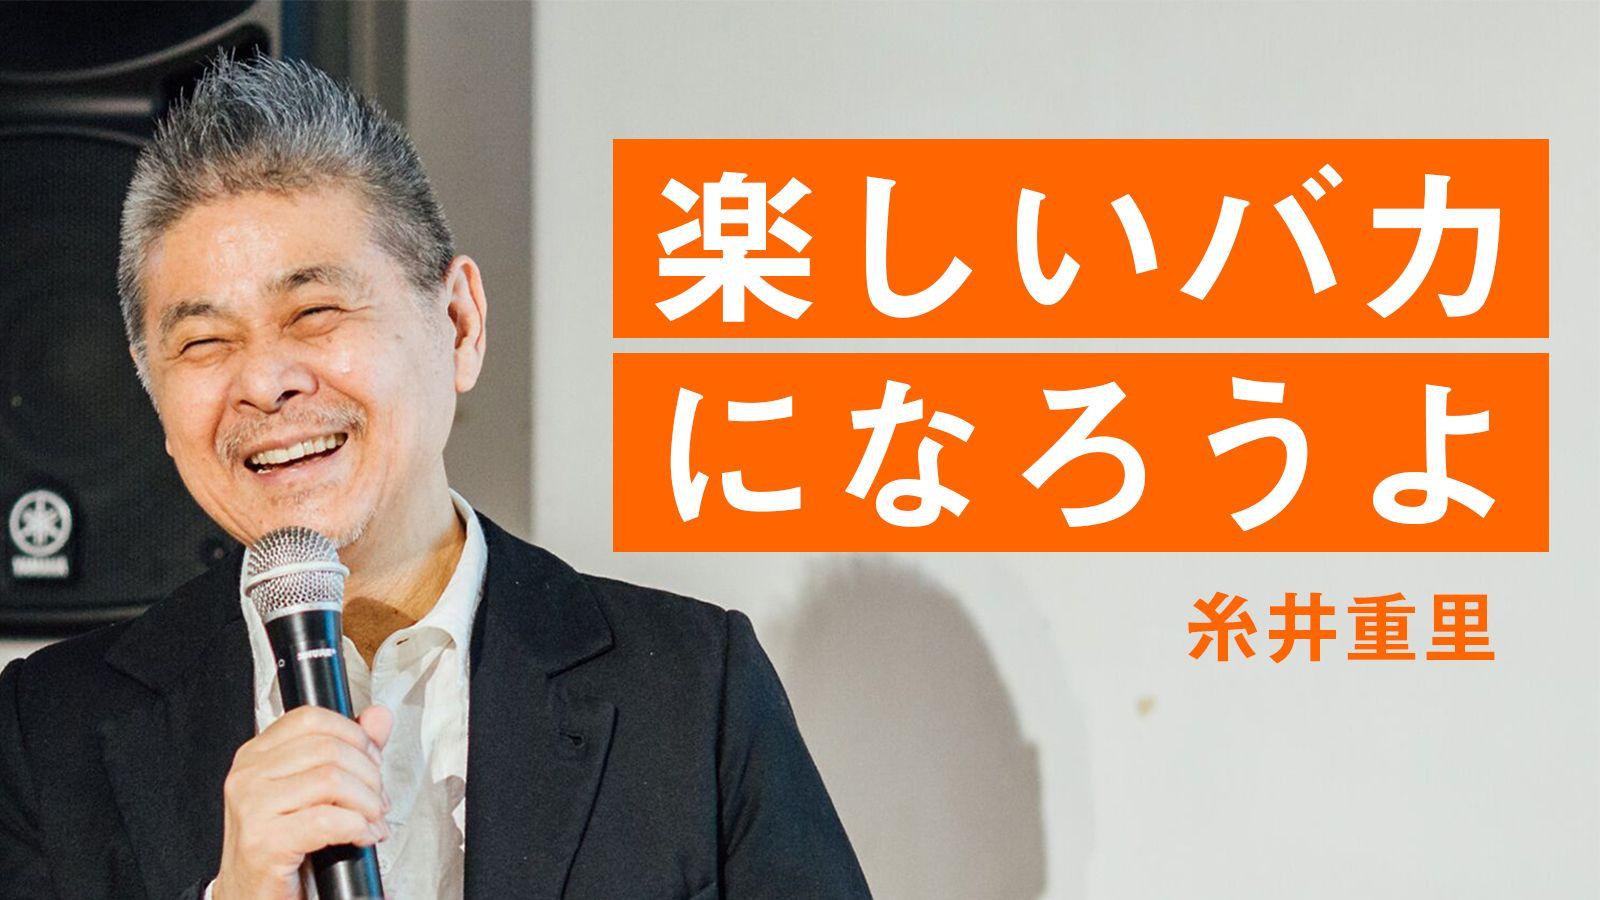 企画って何だろう。糸井重里さんと考えよう。